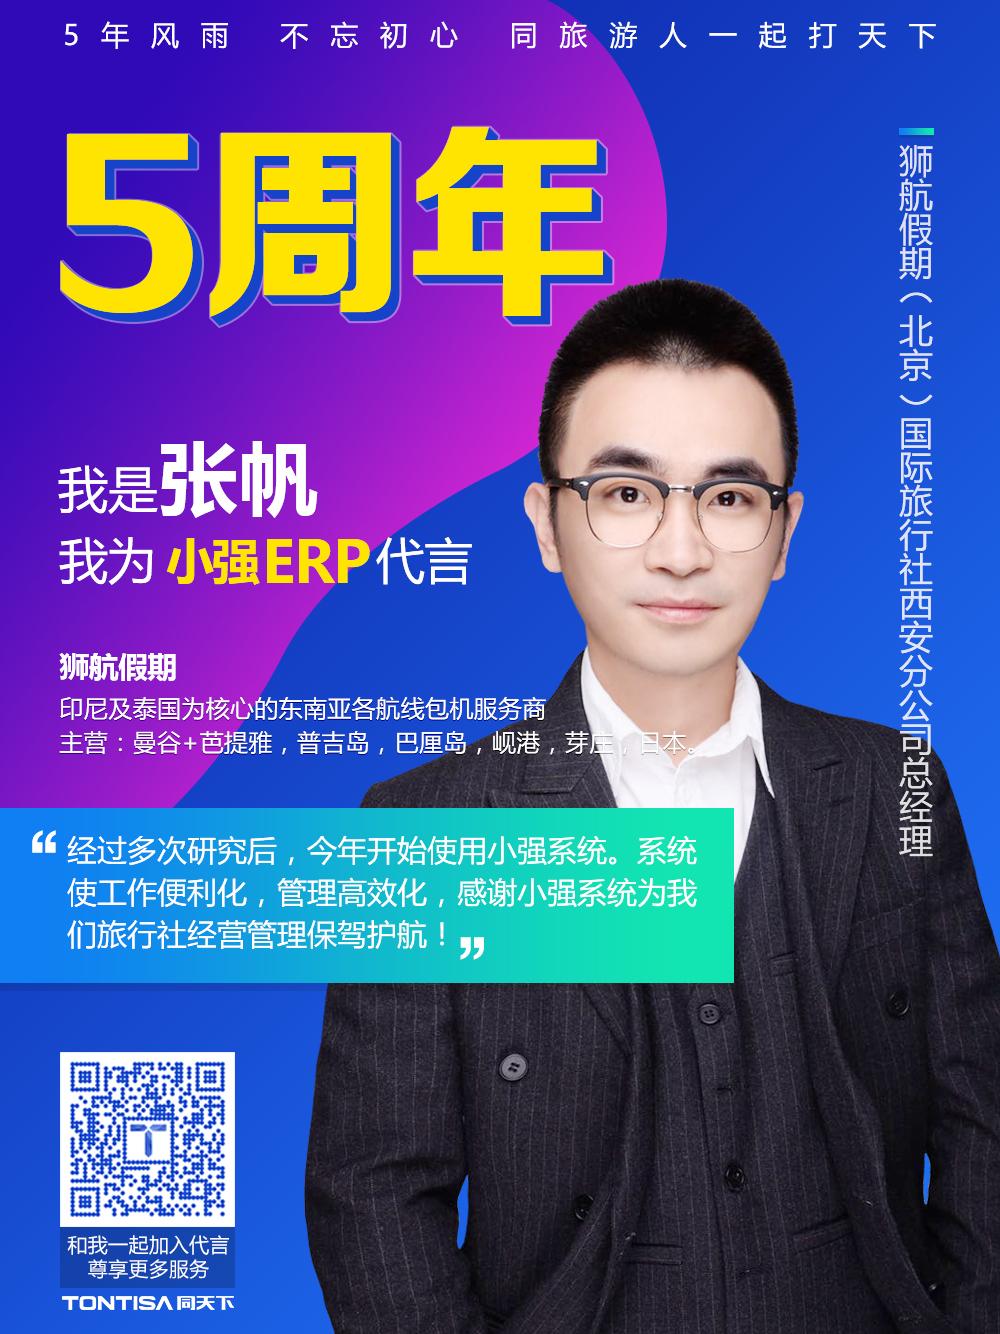 19、五周年系列海报(张帆).jpg